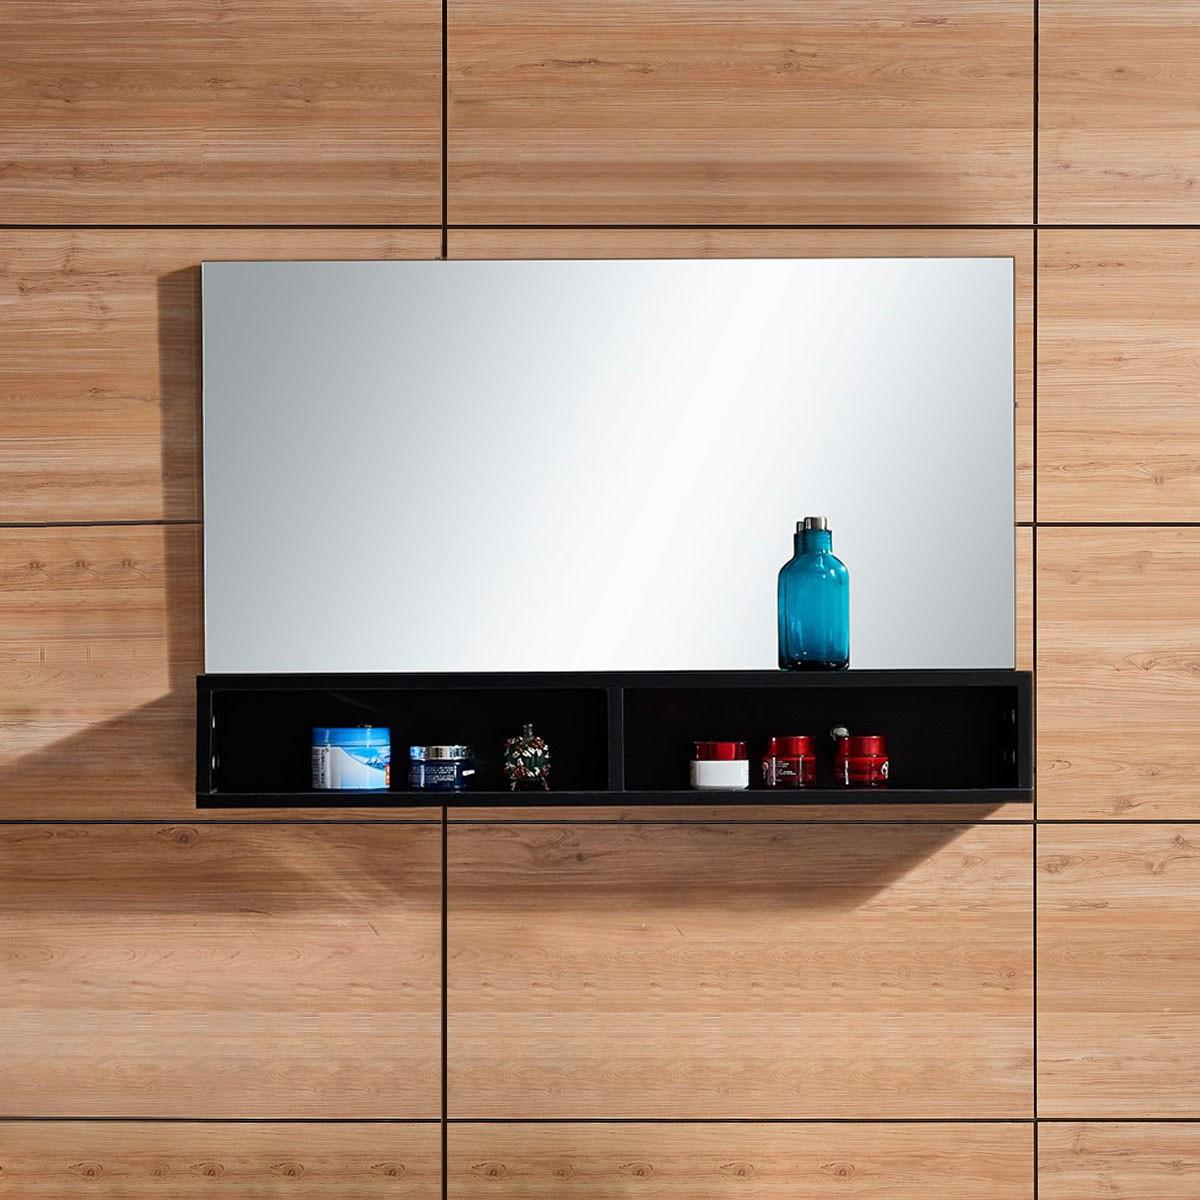 35 x 24 In. Bathroom Vanity Mirror (DK-676100-M)